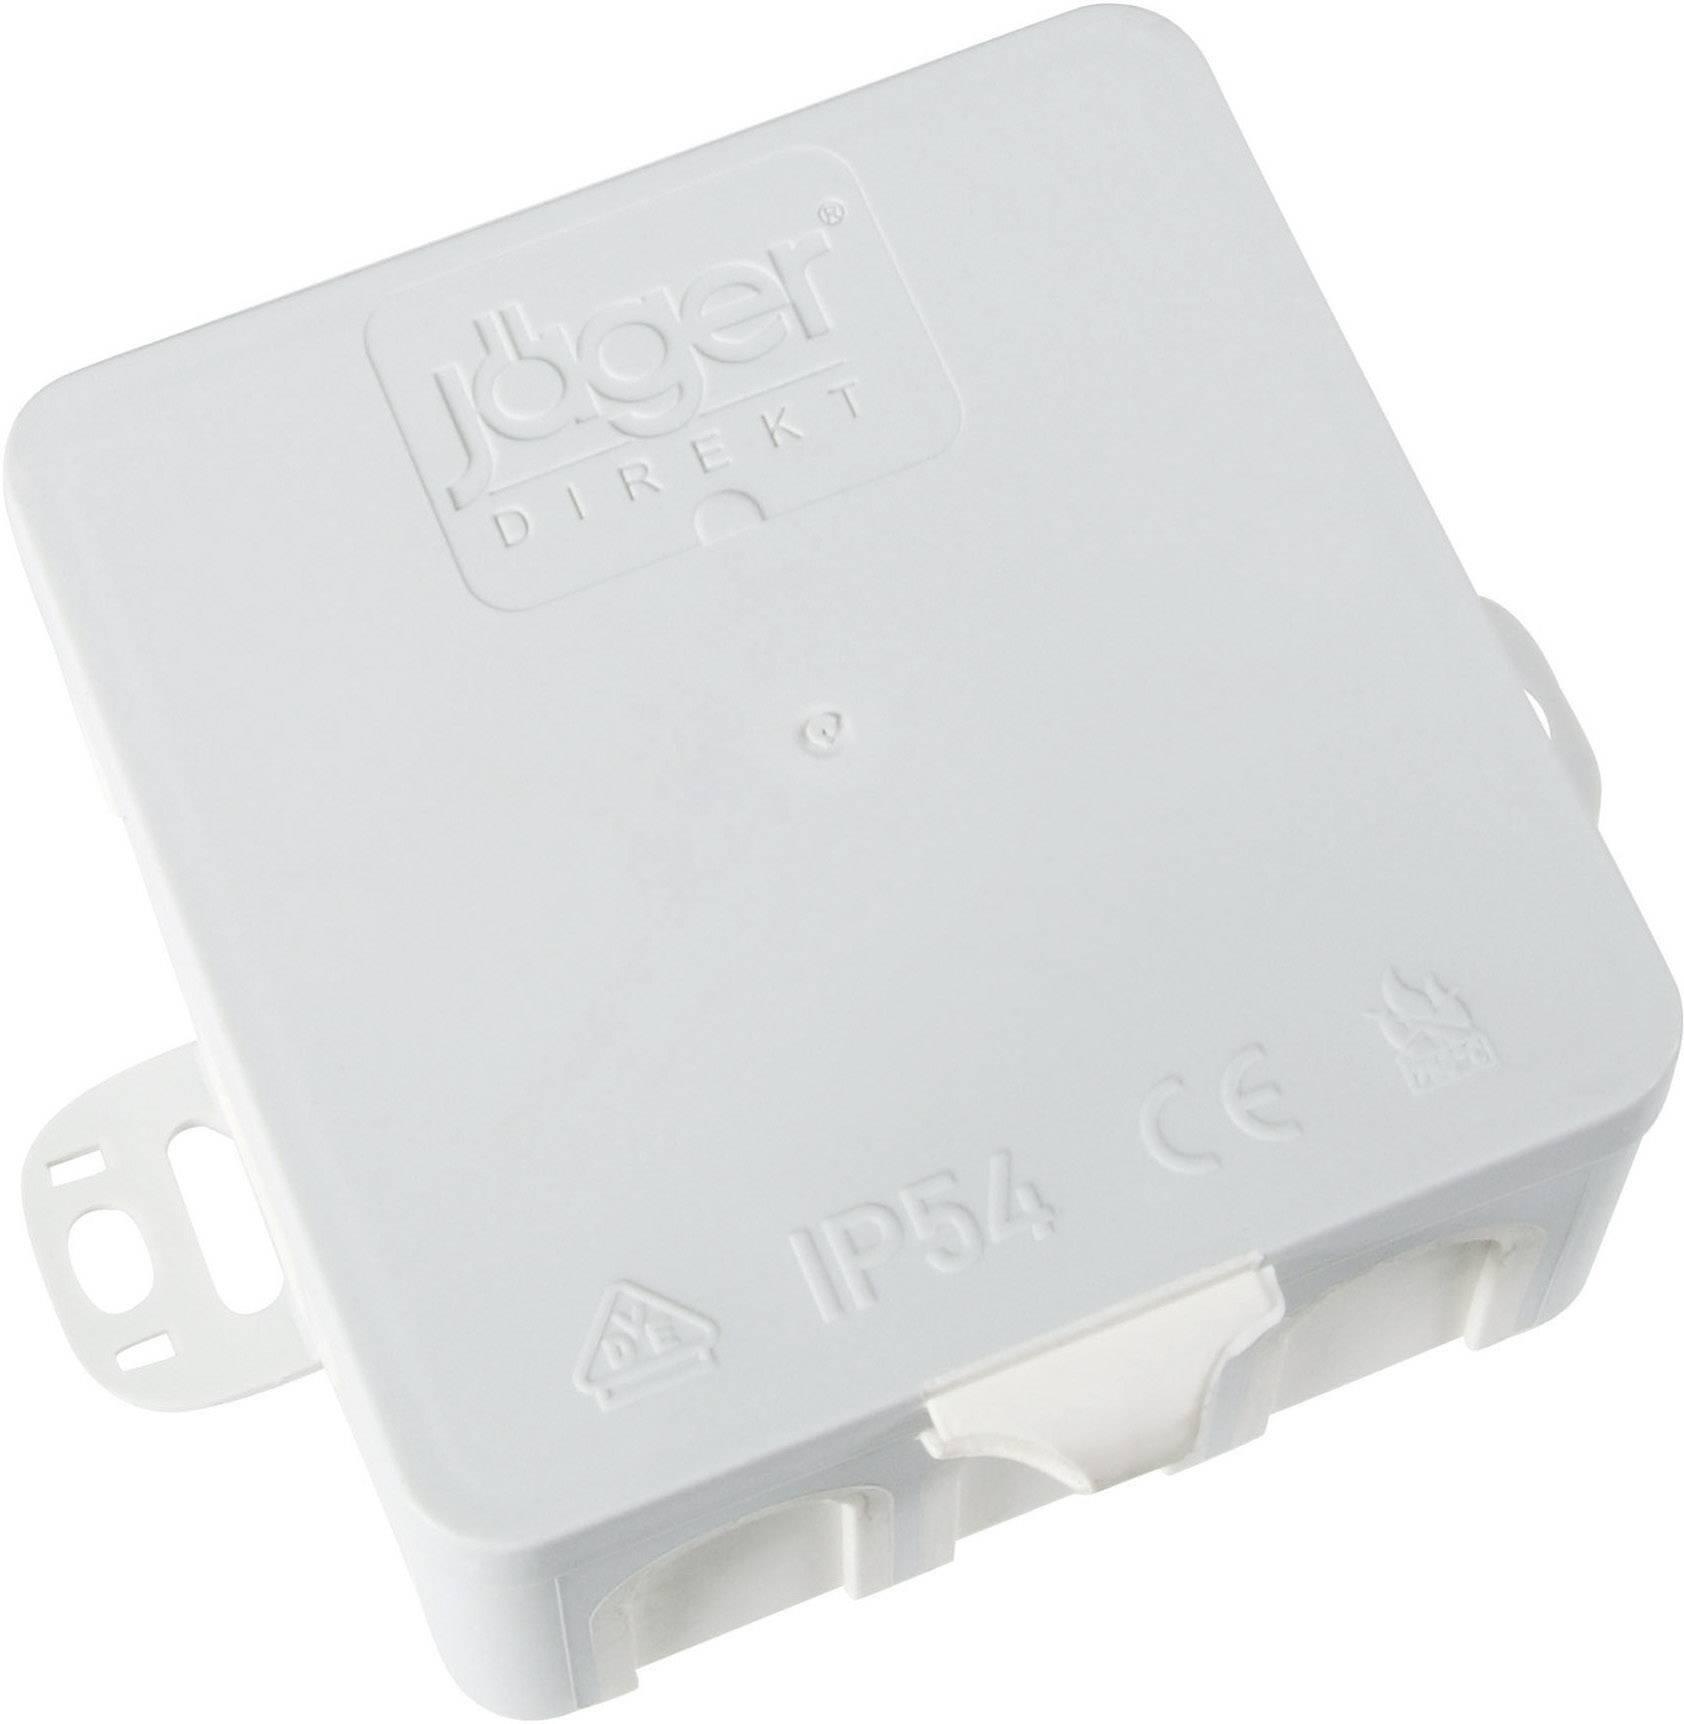 Odbočná krabice do vlhkého prostředí pro nástěnnou montáž 85x85x40 (10 ks)